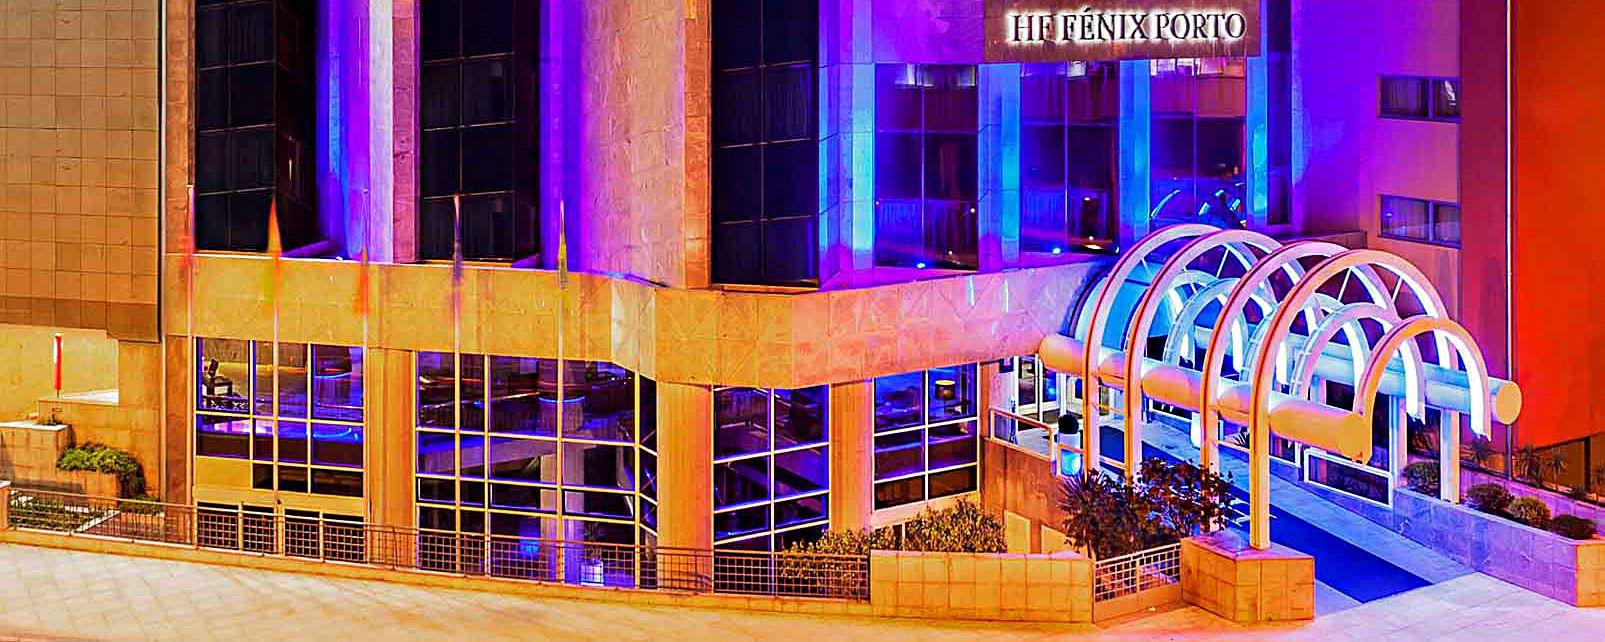 Hôtel FENIX